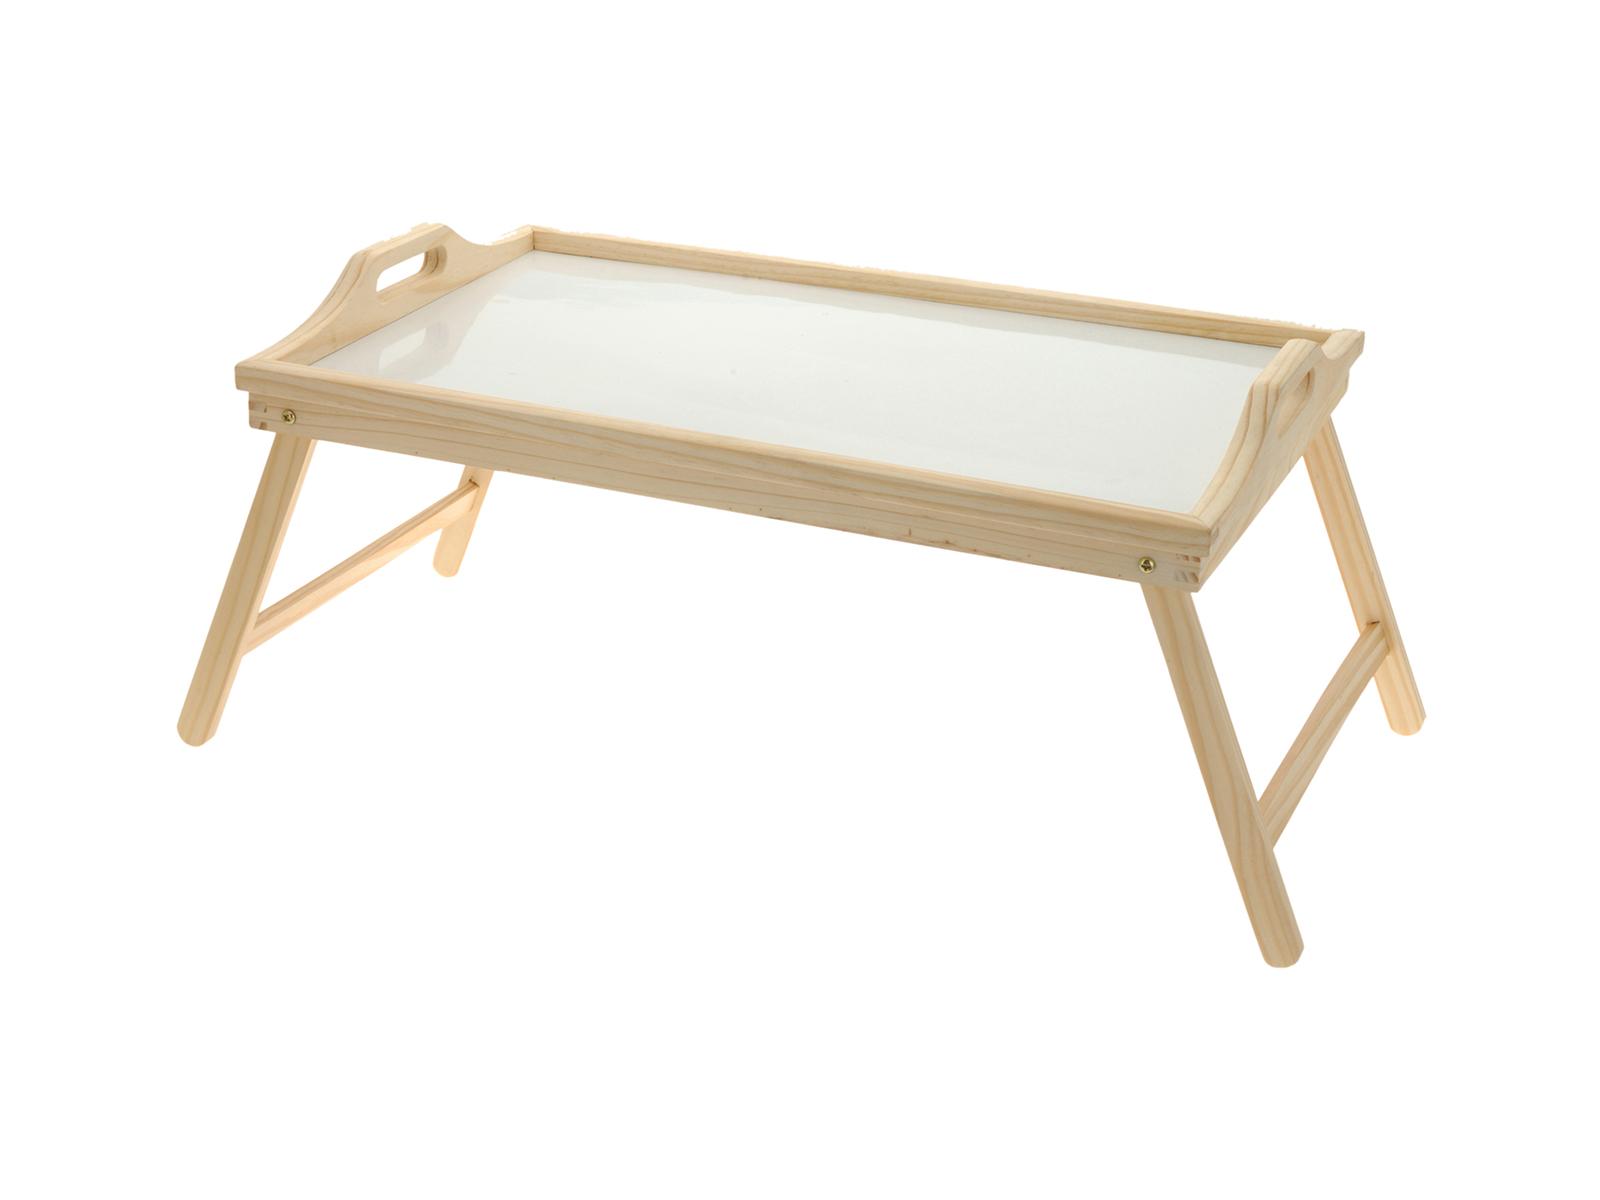 Поднос MilanАксессуары для кухни<br>Поднос-столик сервировочный<br>